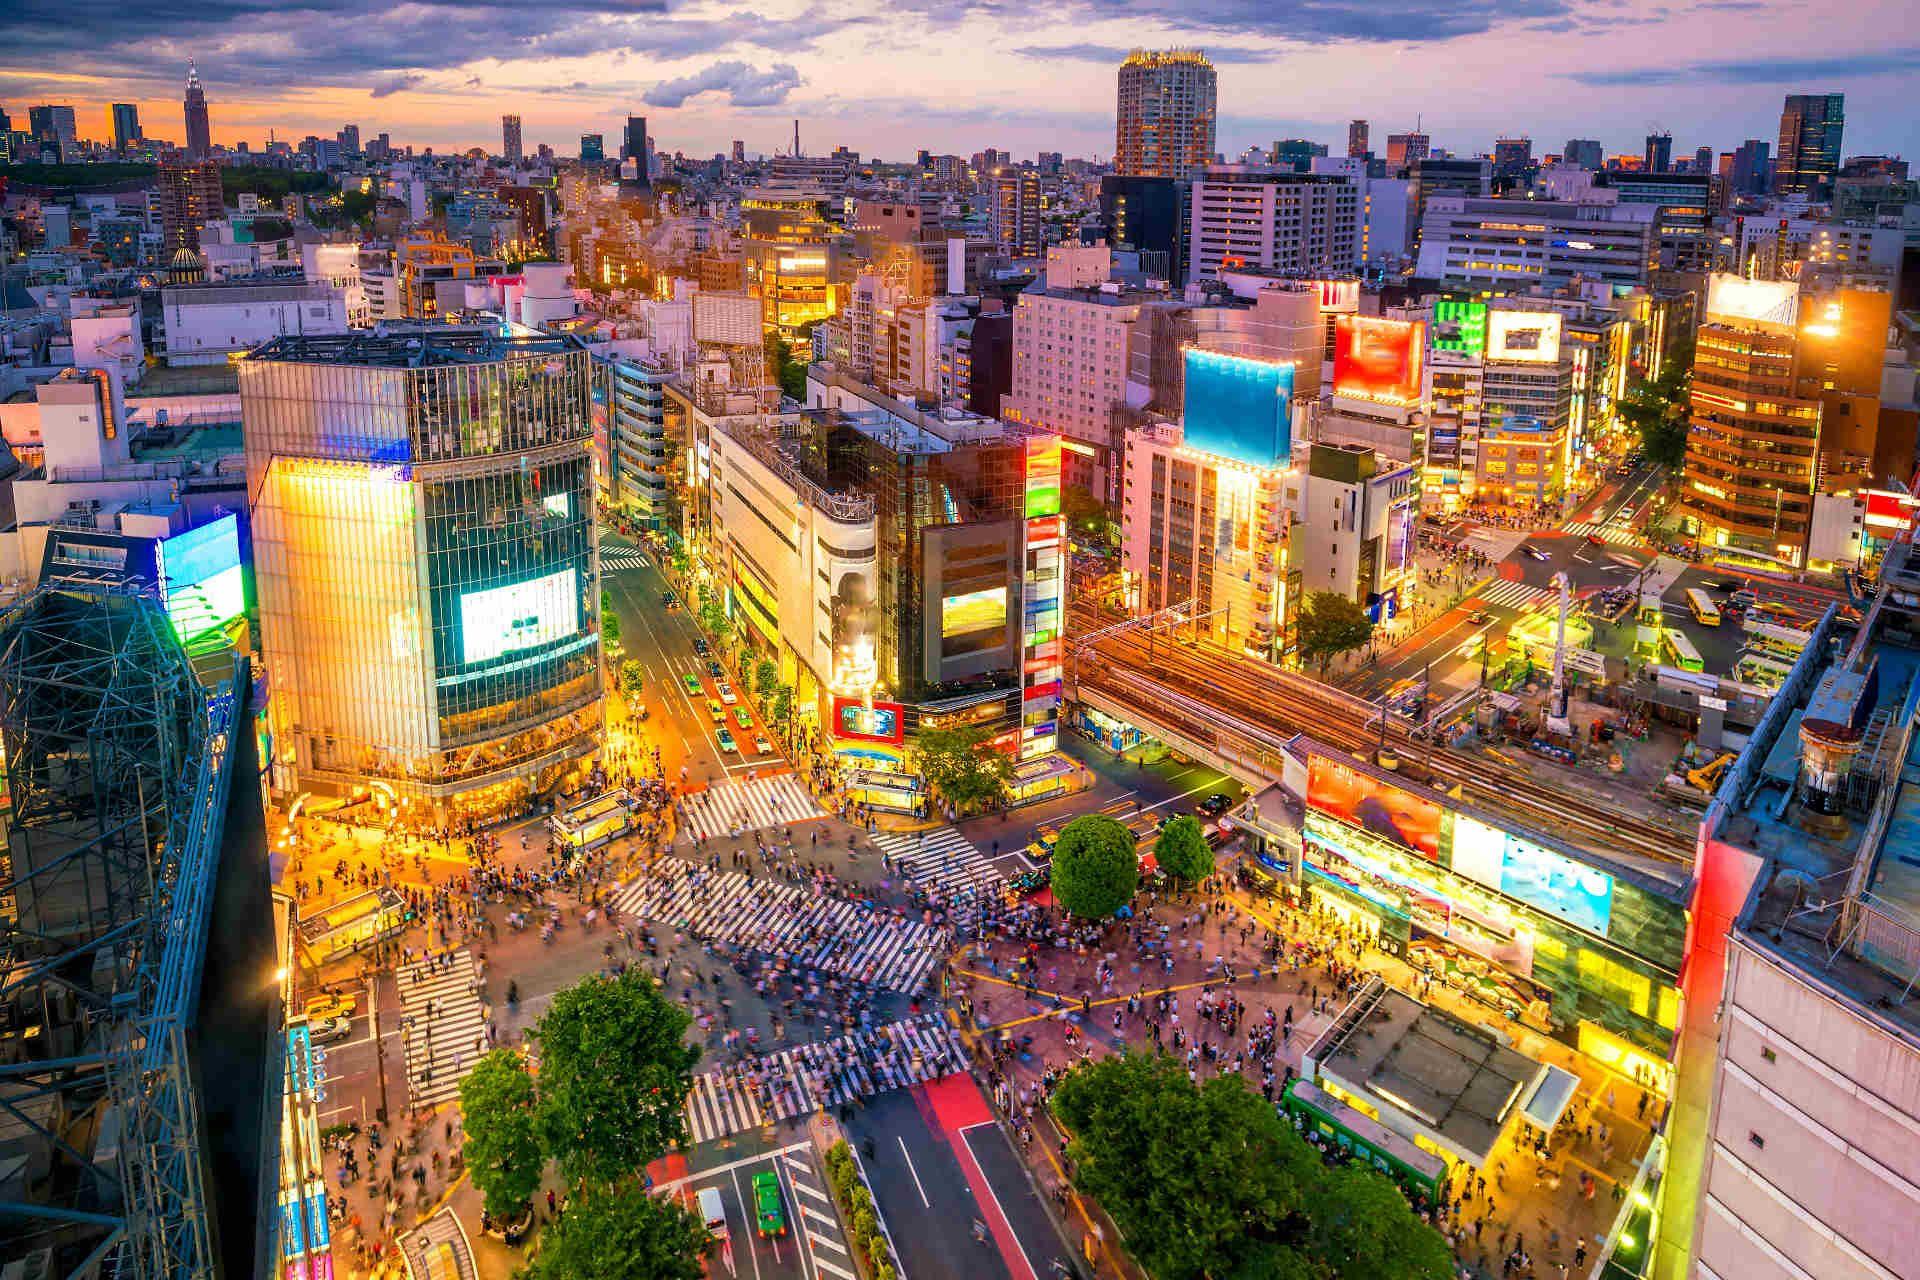 Shibuya băng qua Tokyo Nhật Bản vào ban đêm